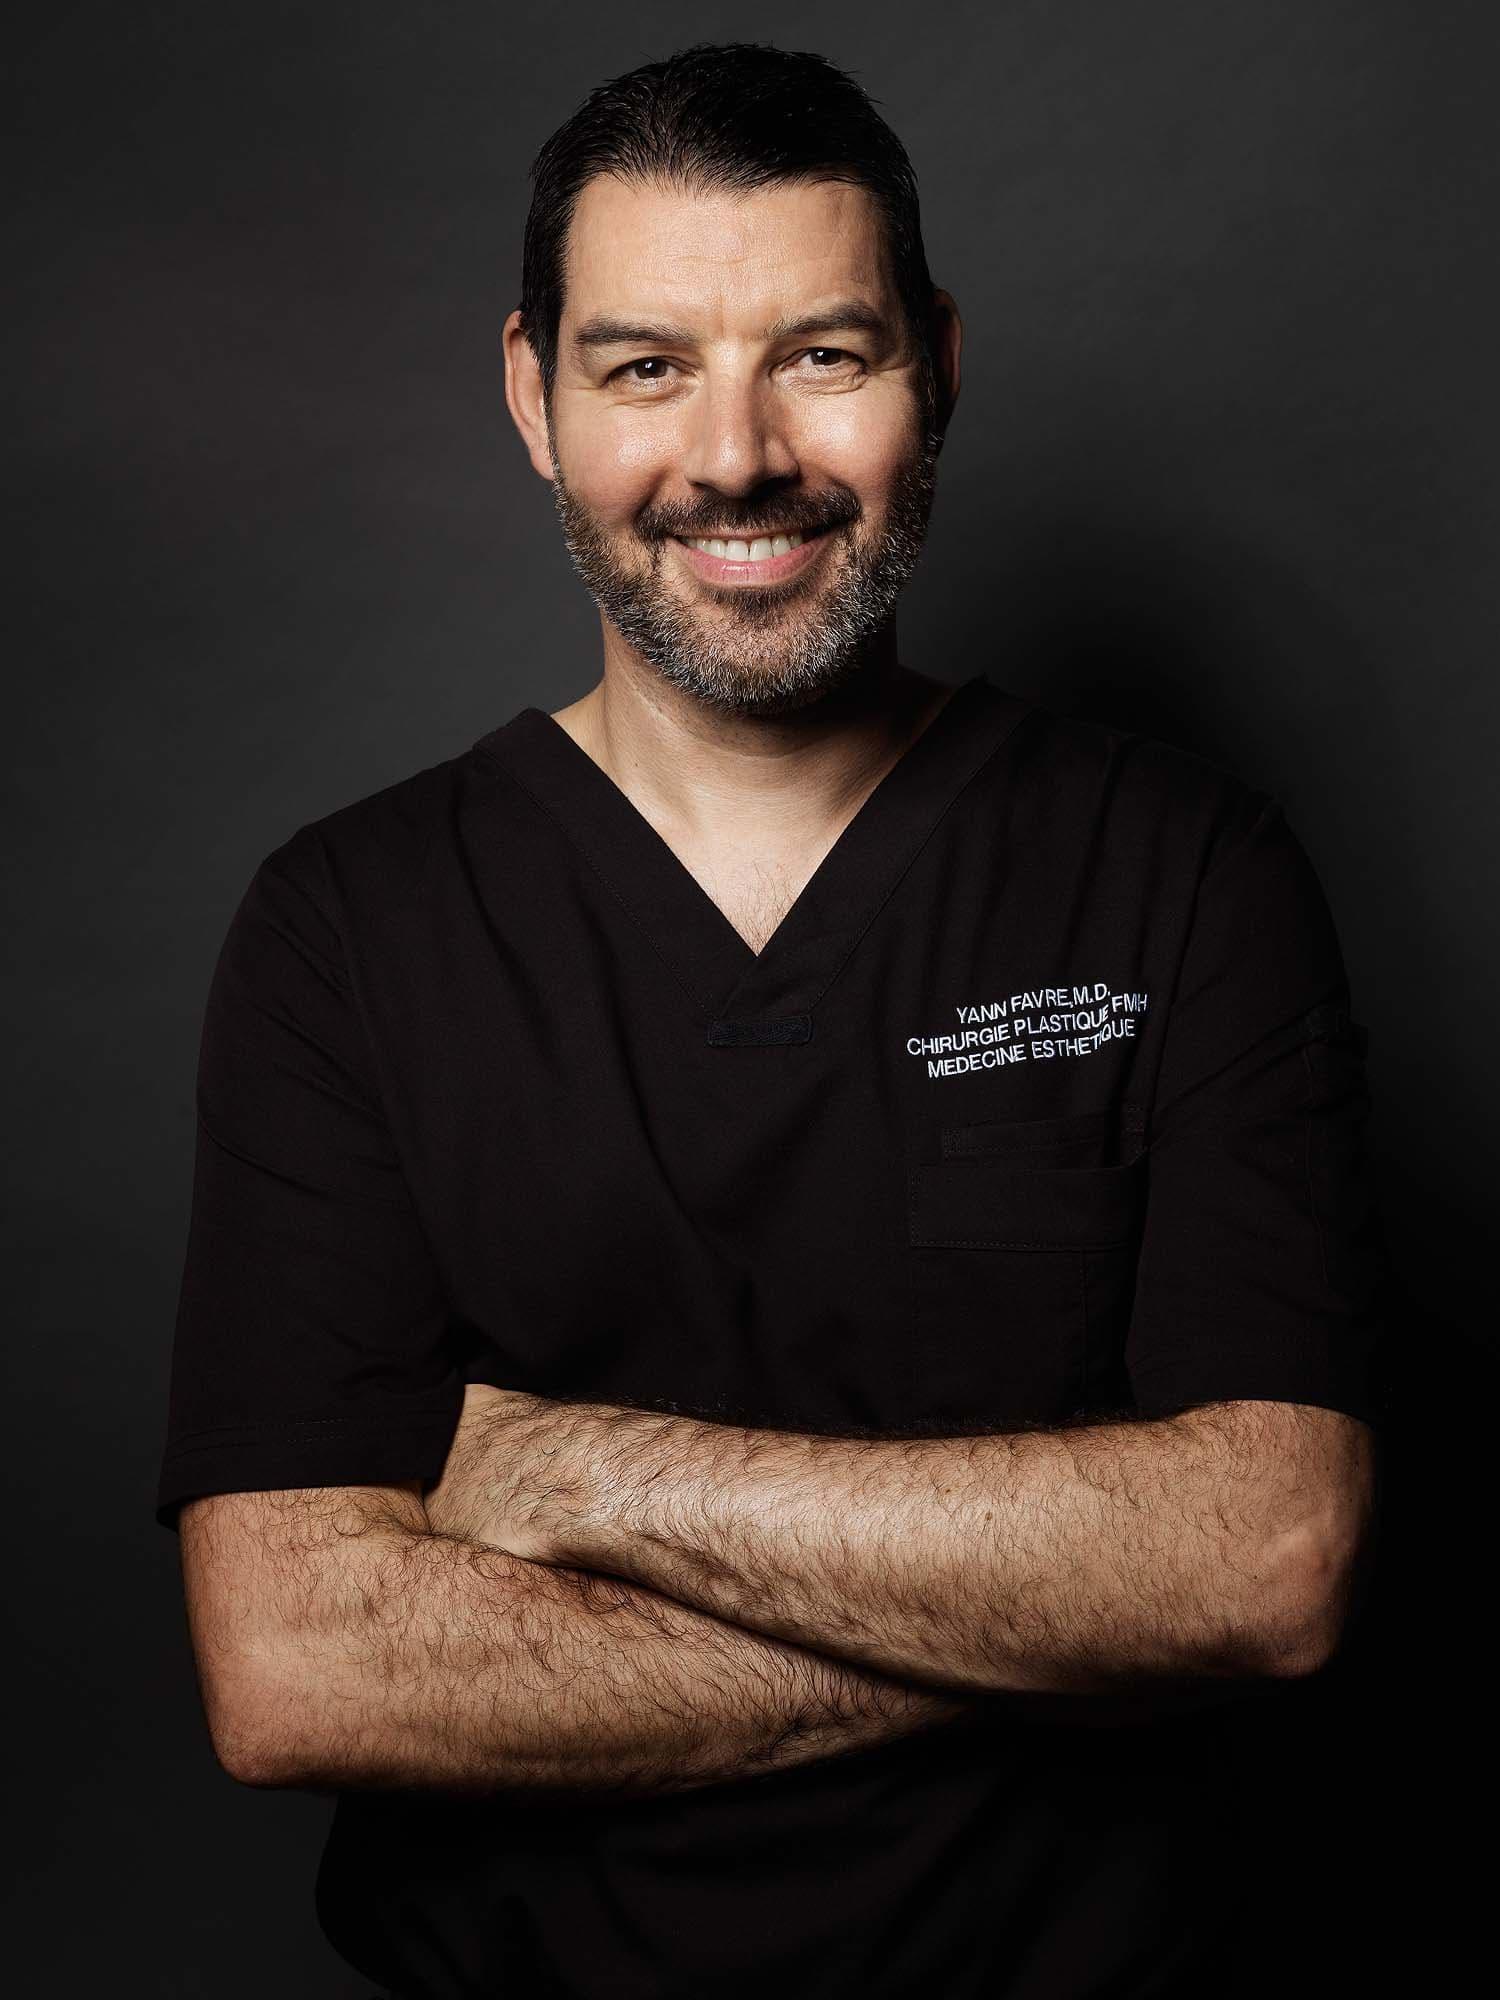 Portrait Dr. méd. Yann Favre